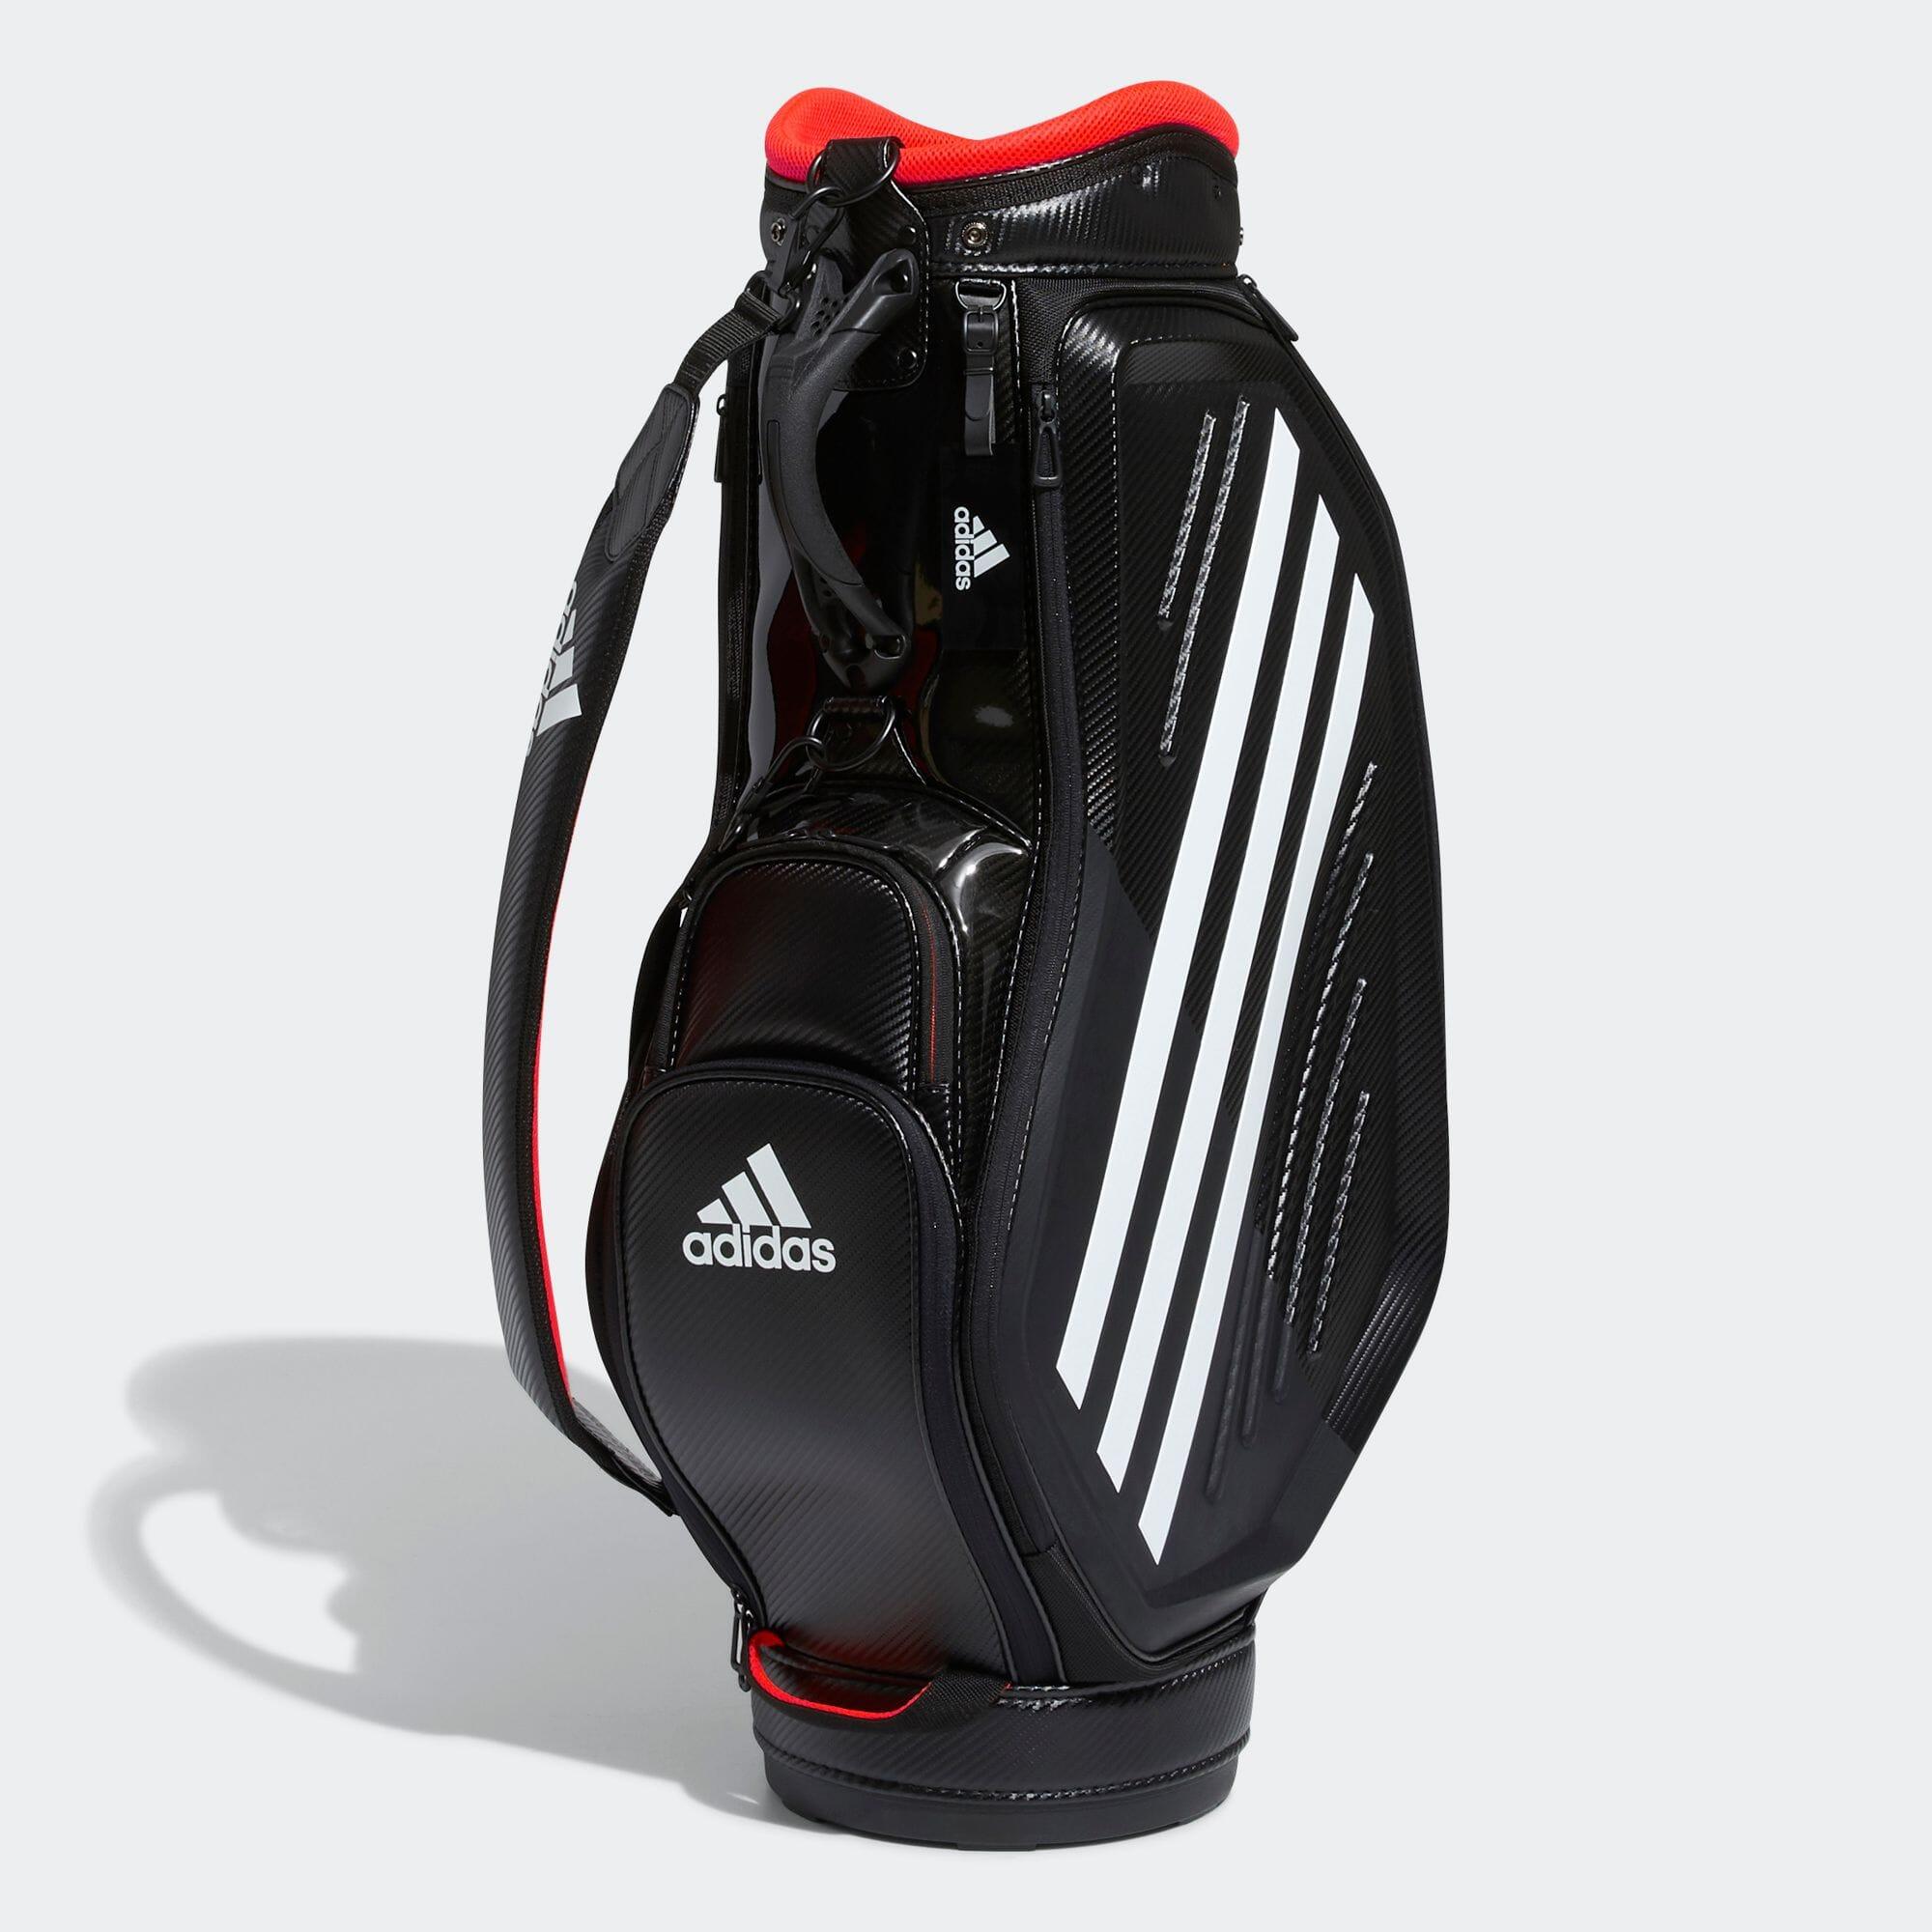 ツアー モールドデザイン バッグ【ゴルフ】/ Performance Caddie Bag